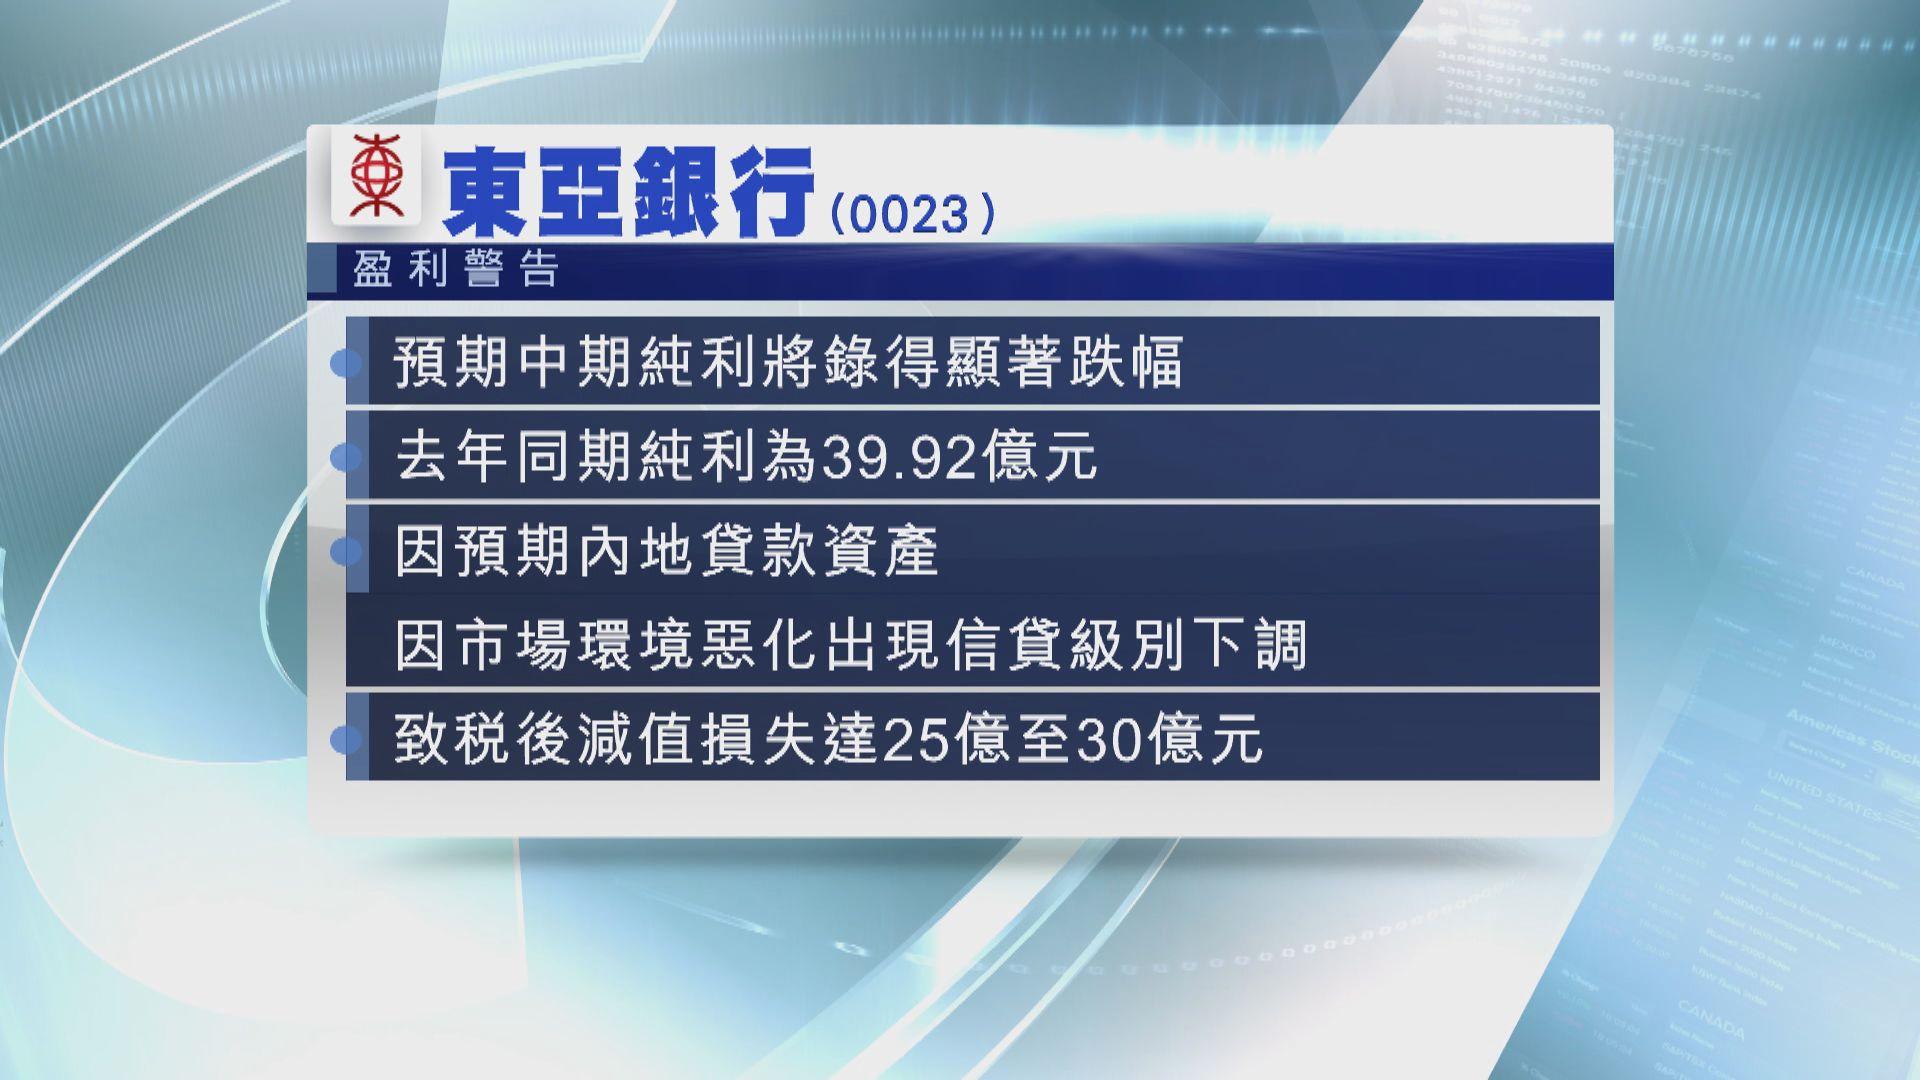 【部分內地貸款被降評級】東亞料中期純利顯著下跌